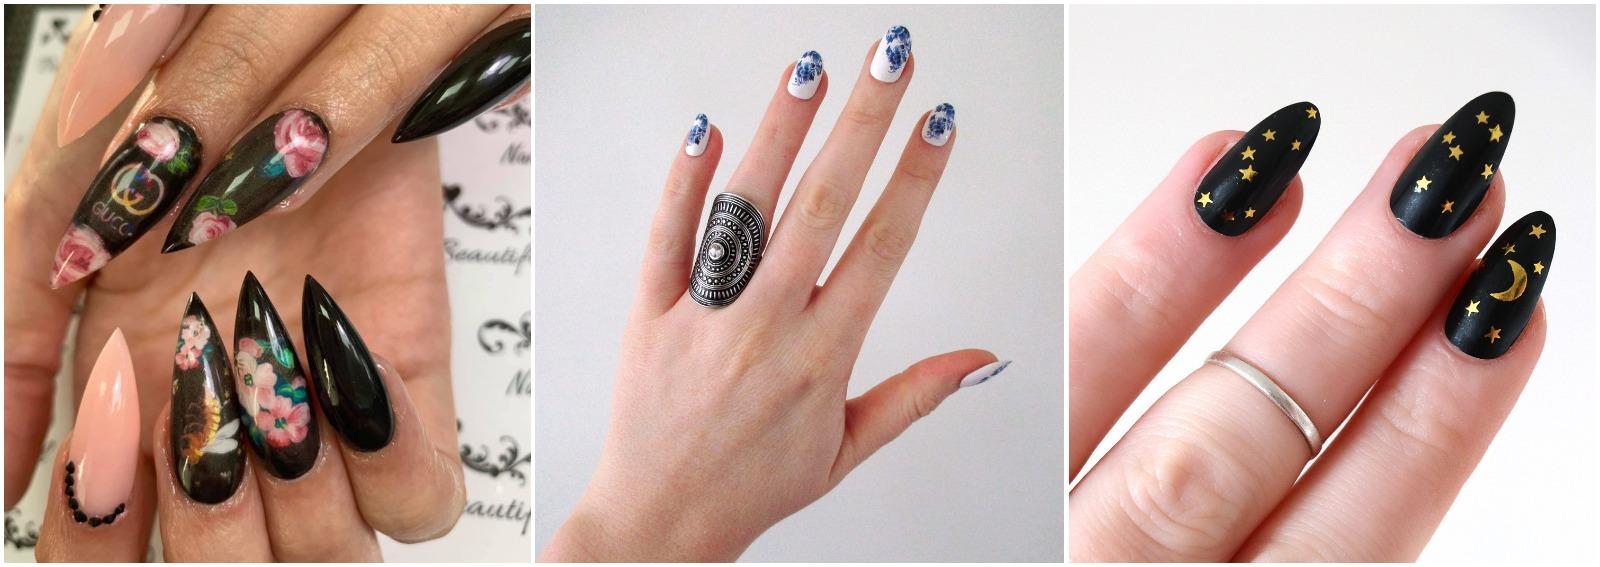 disegni unghie le tendenze per la nail art 2020 cover desktop